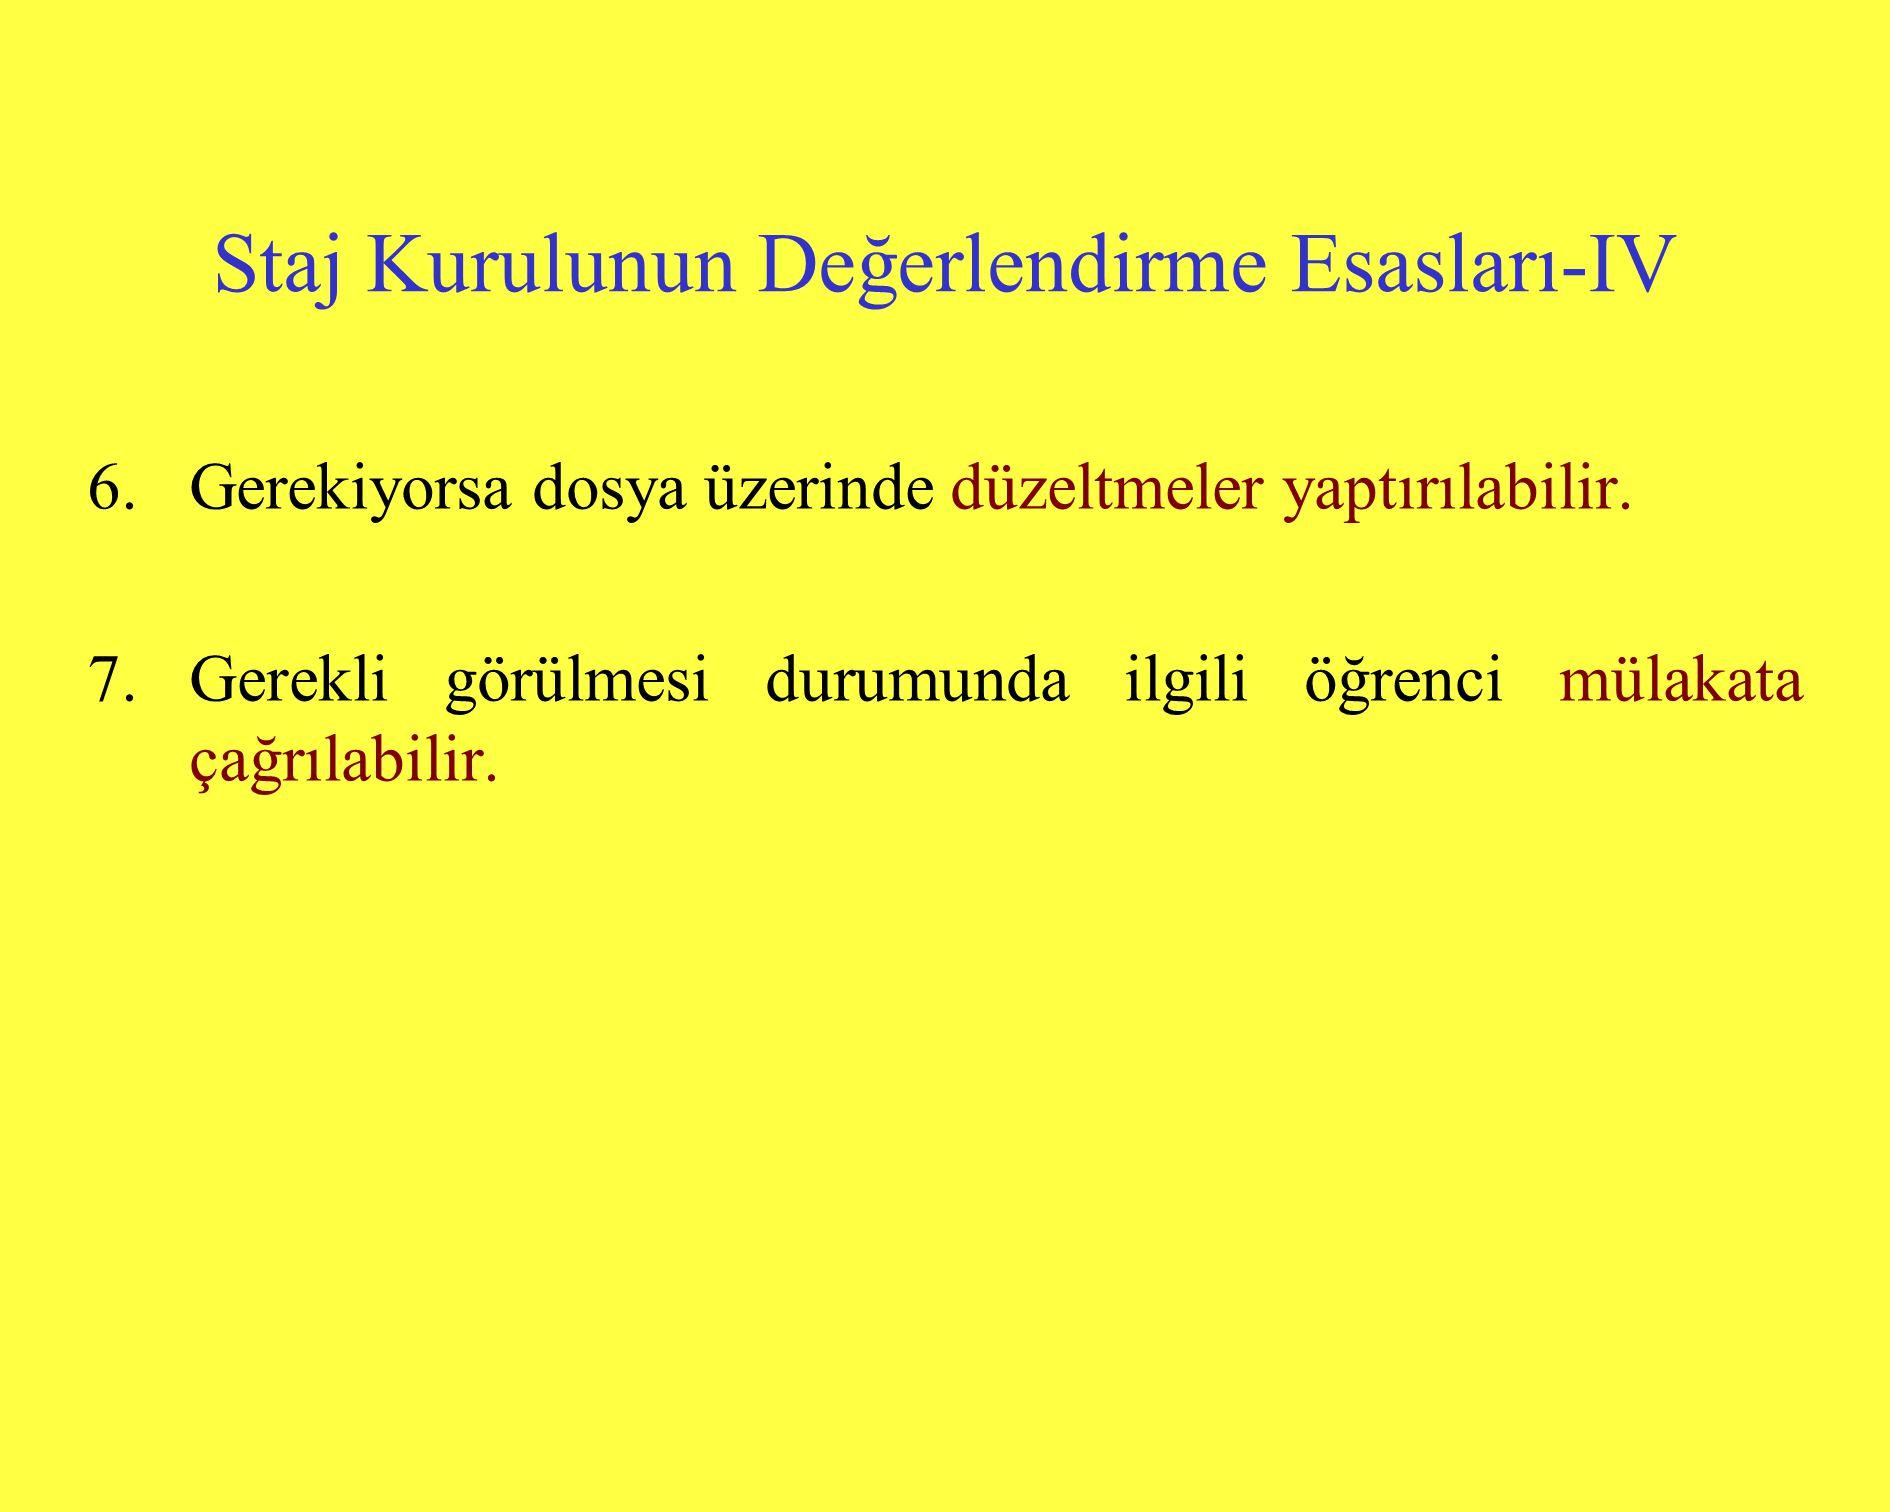 Staj Kurulunun Değerlendirme Esasları-IV 6.Gerekiyorsa dosya üzerinde düzeltmeler yaptırılabilir.